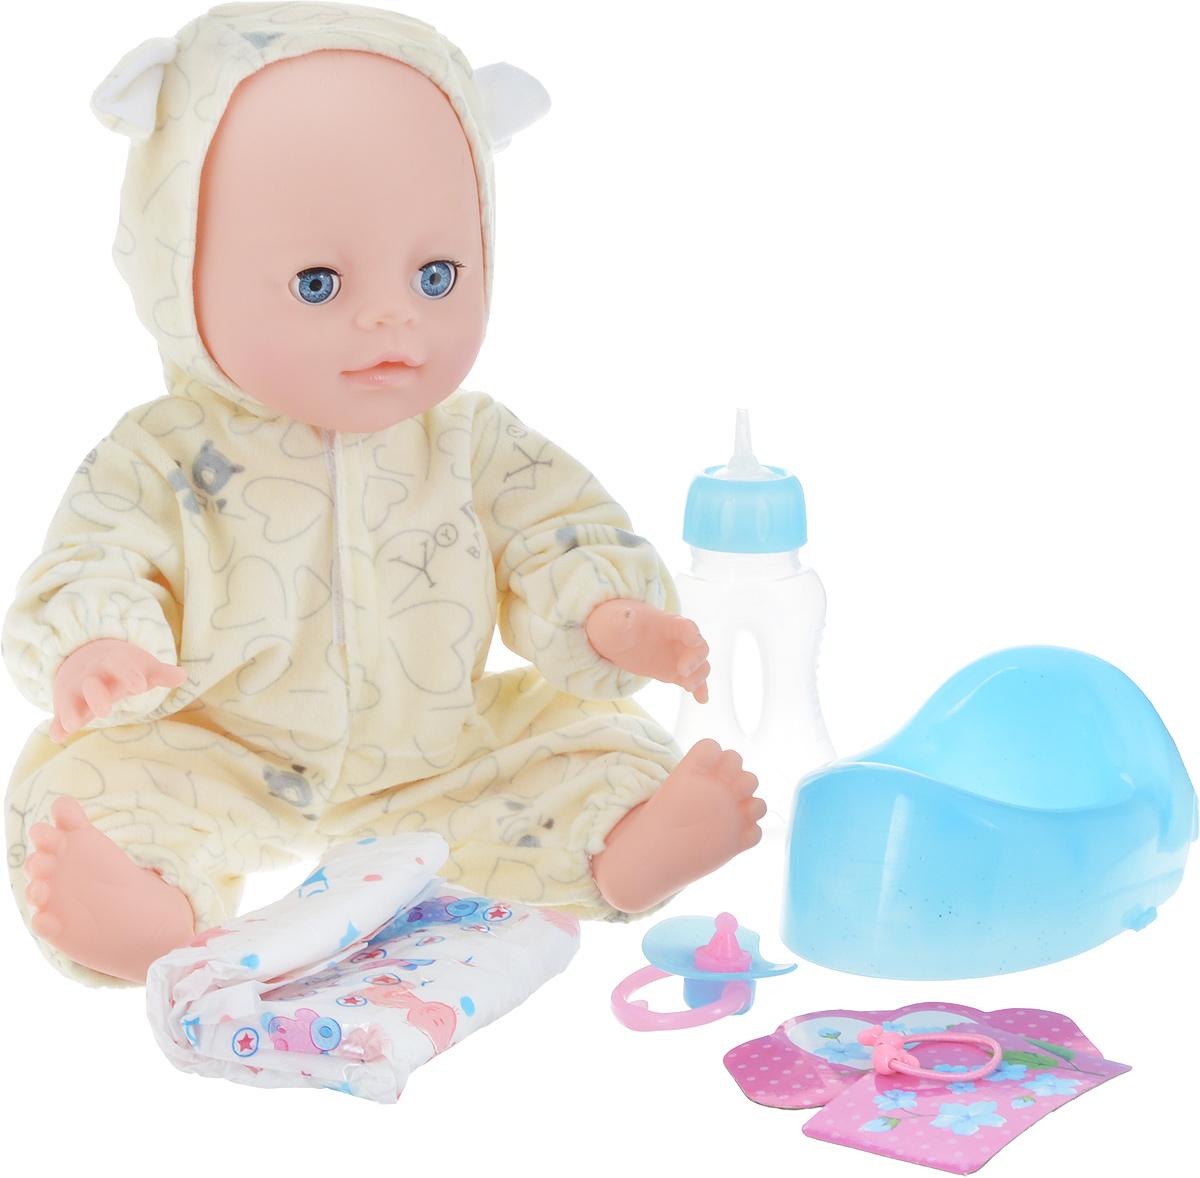 Lisa Jane Пупс с горшком цвет светло-молочный 35 см сумки lisa jane сумка детская